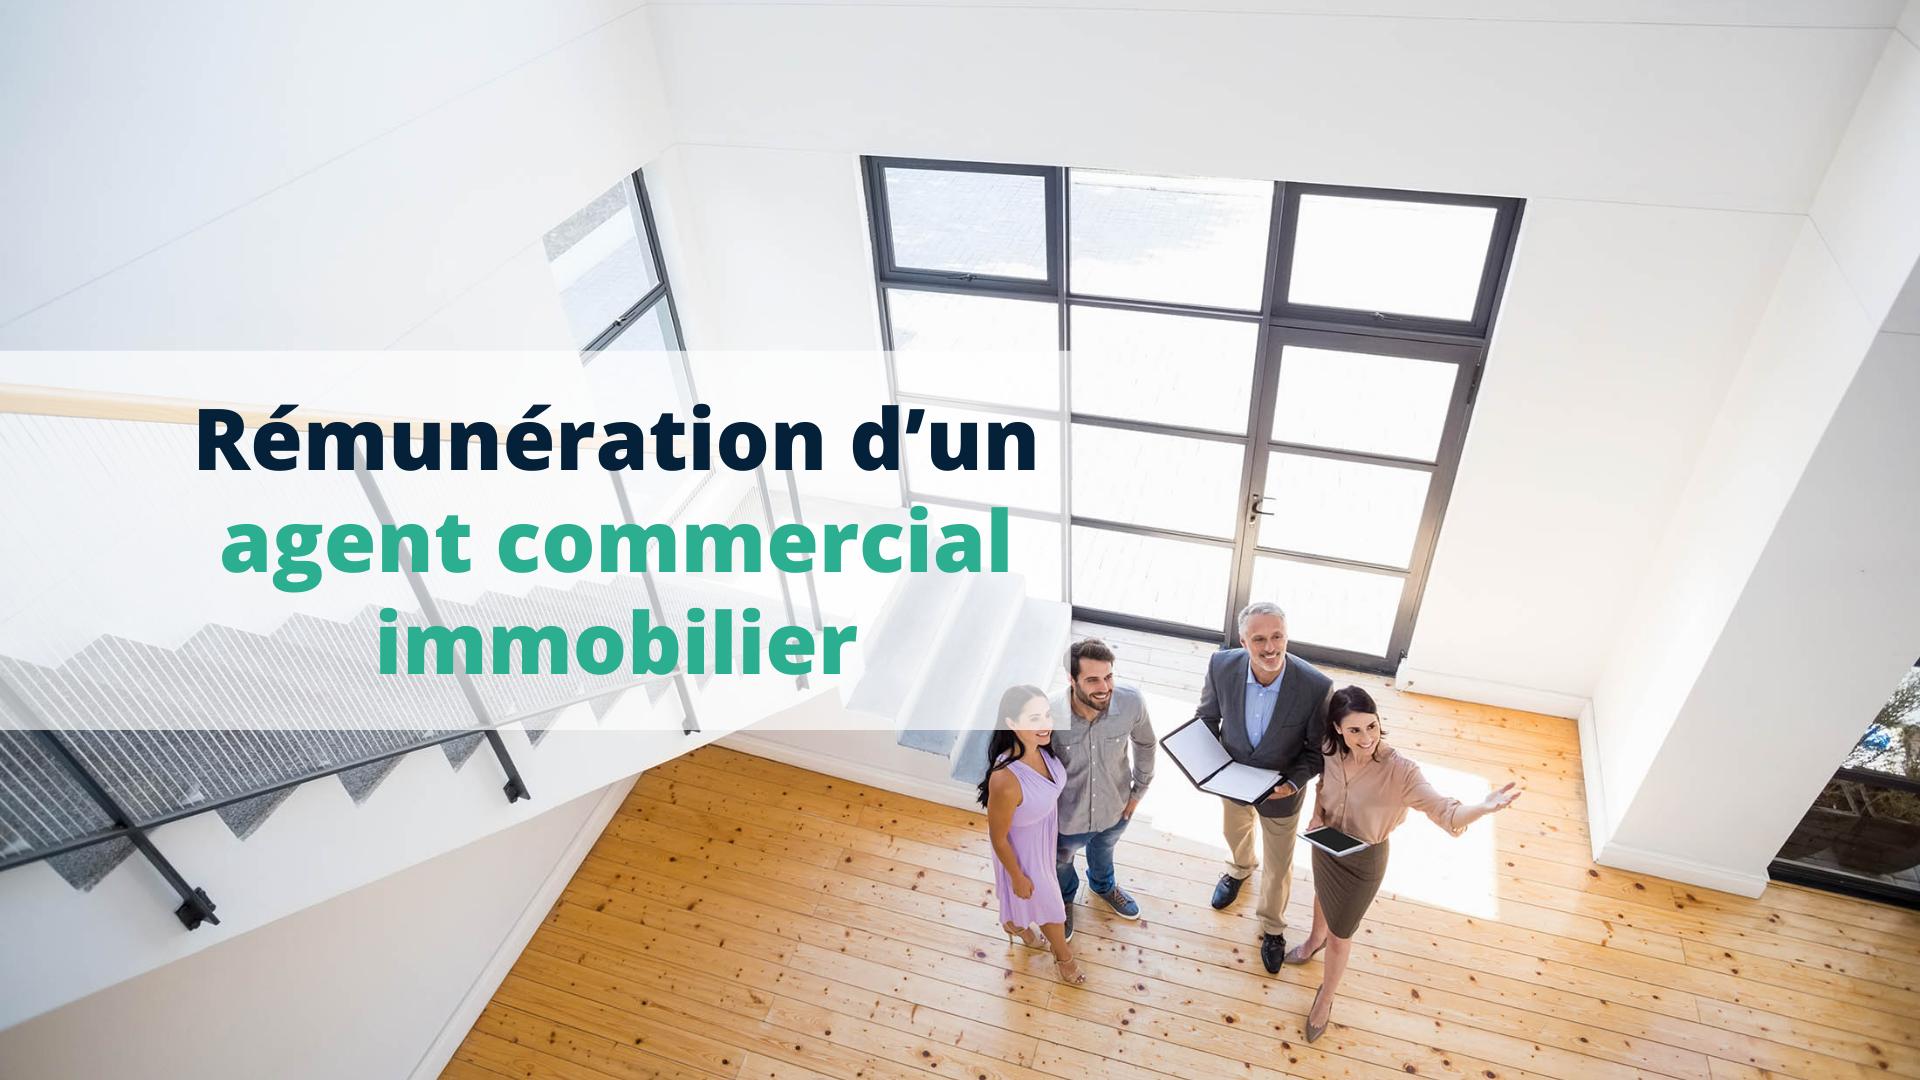 Rémunération d'un agent commercial immobilier - Start Learning